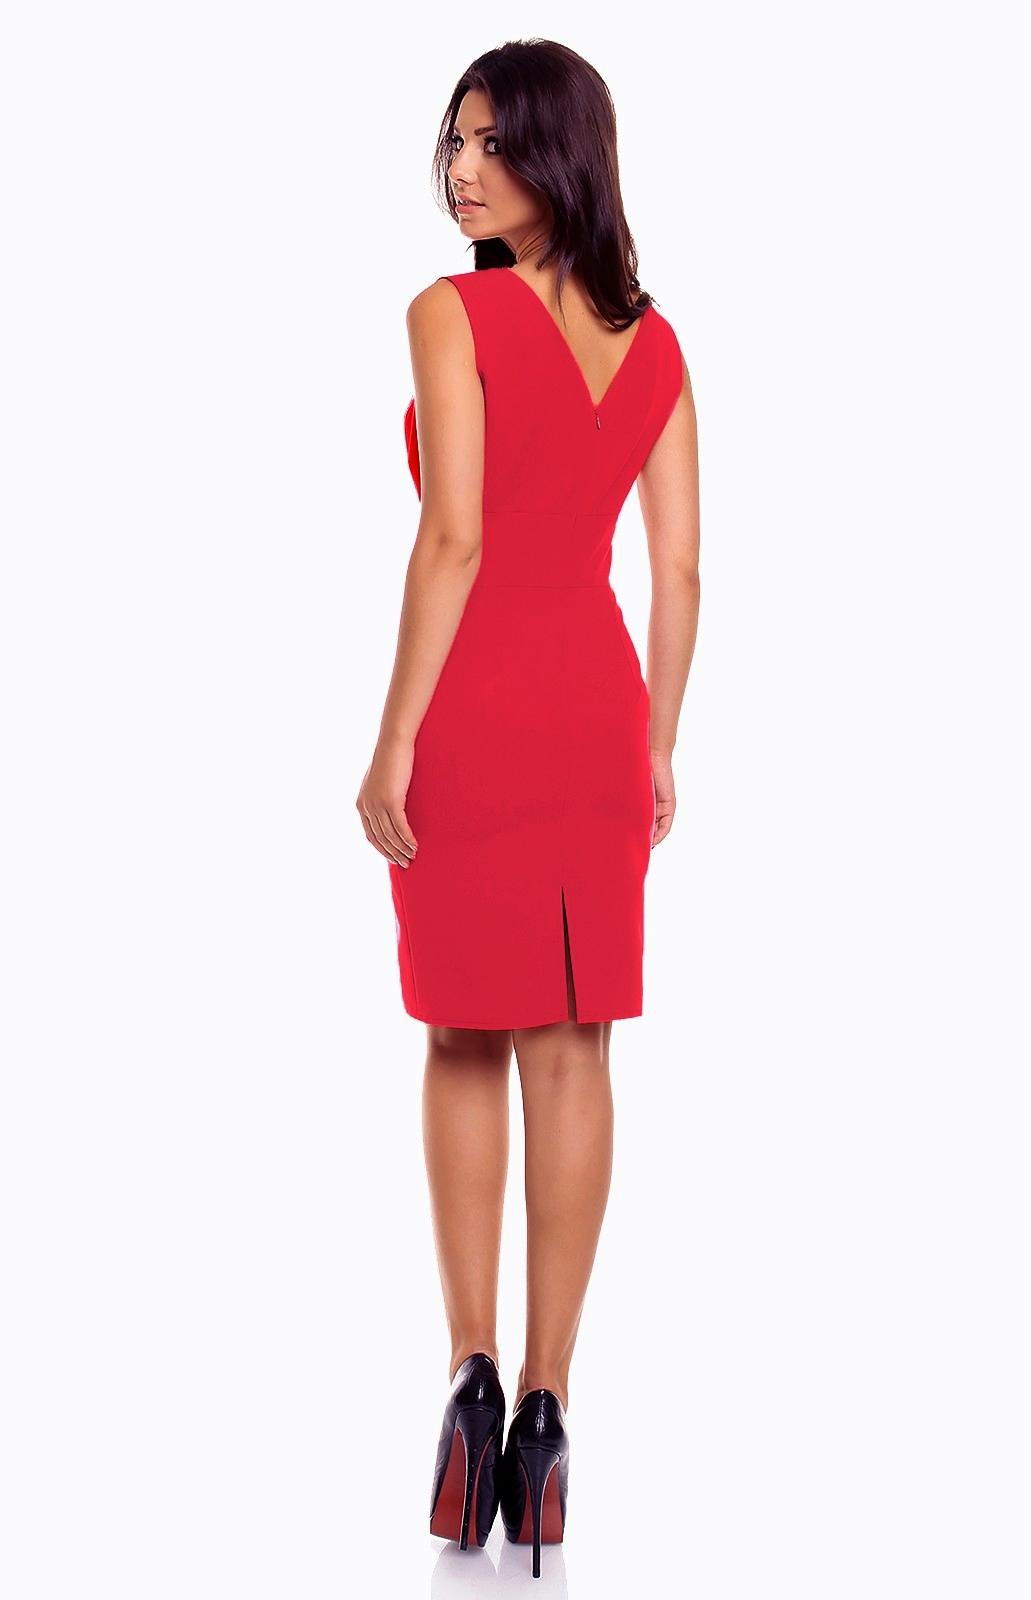 robe fourreau sans manches rouge km km185r idresstocode boutique de d shabill s et nuisettes. Black Bedroom Furniture Sets. Home Design Ideas